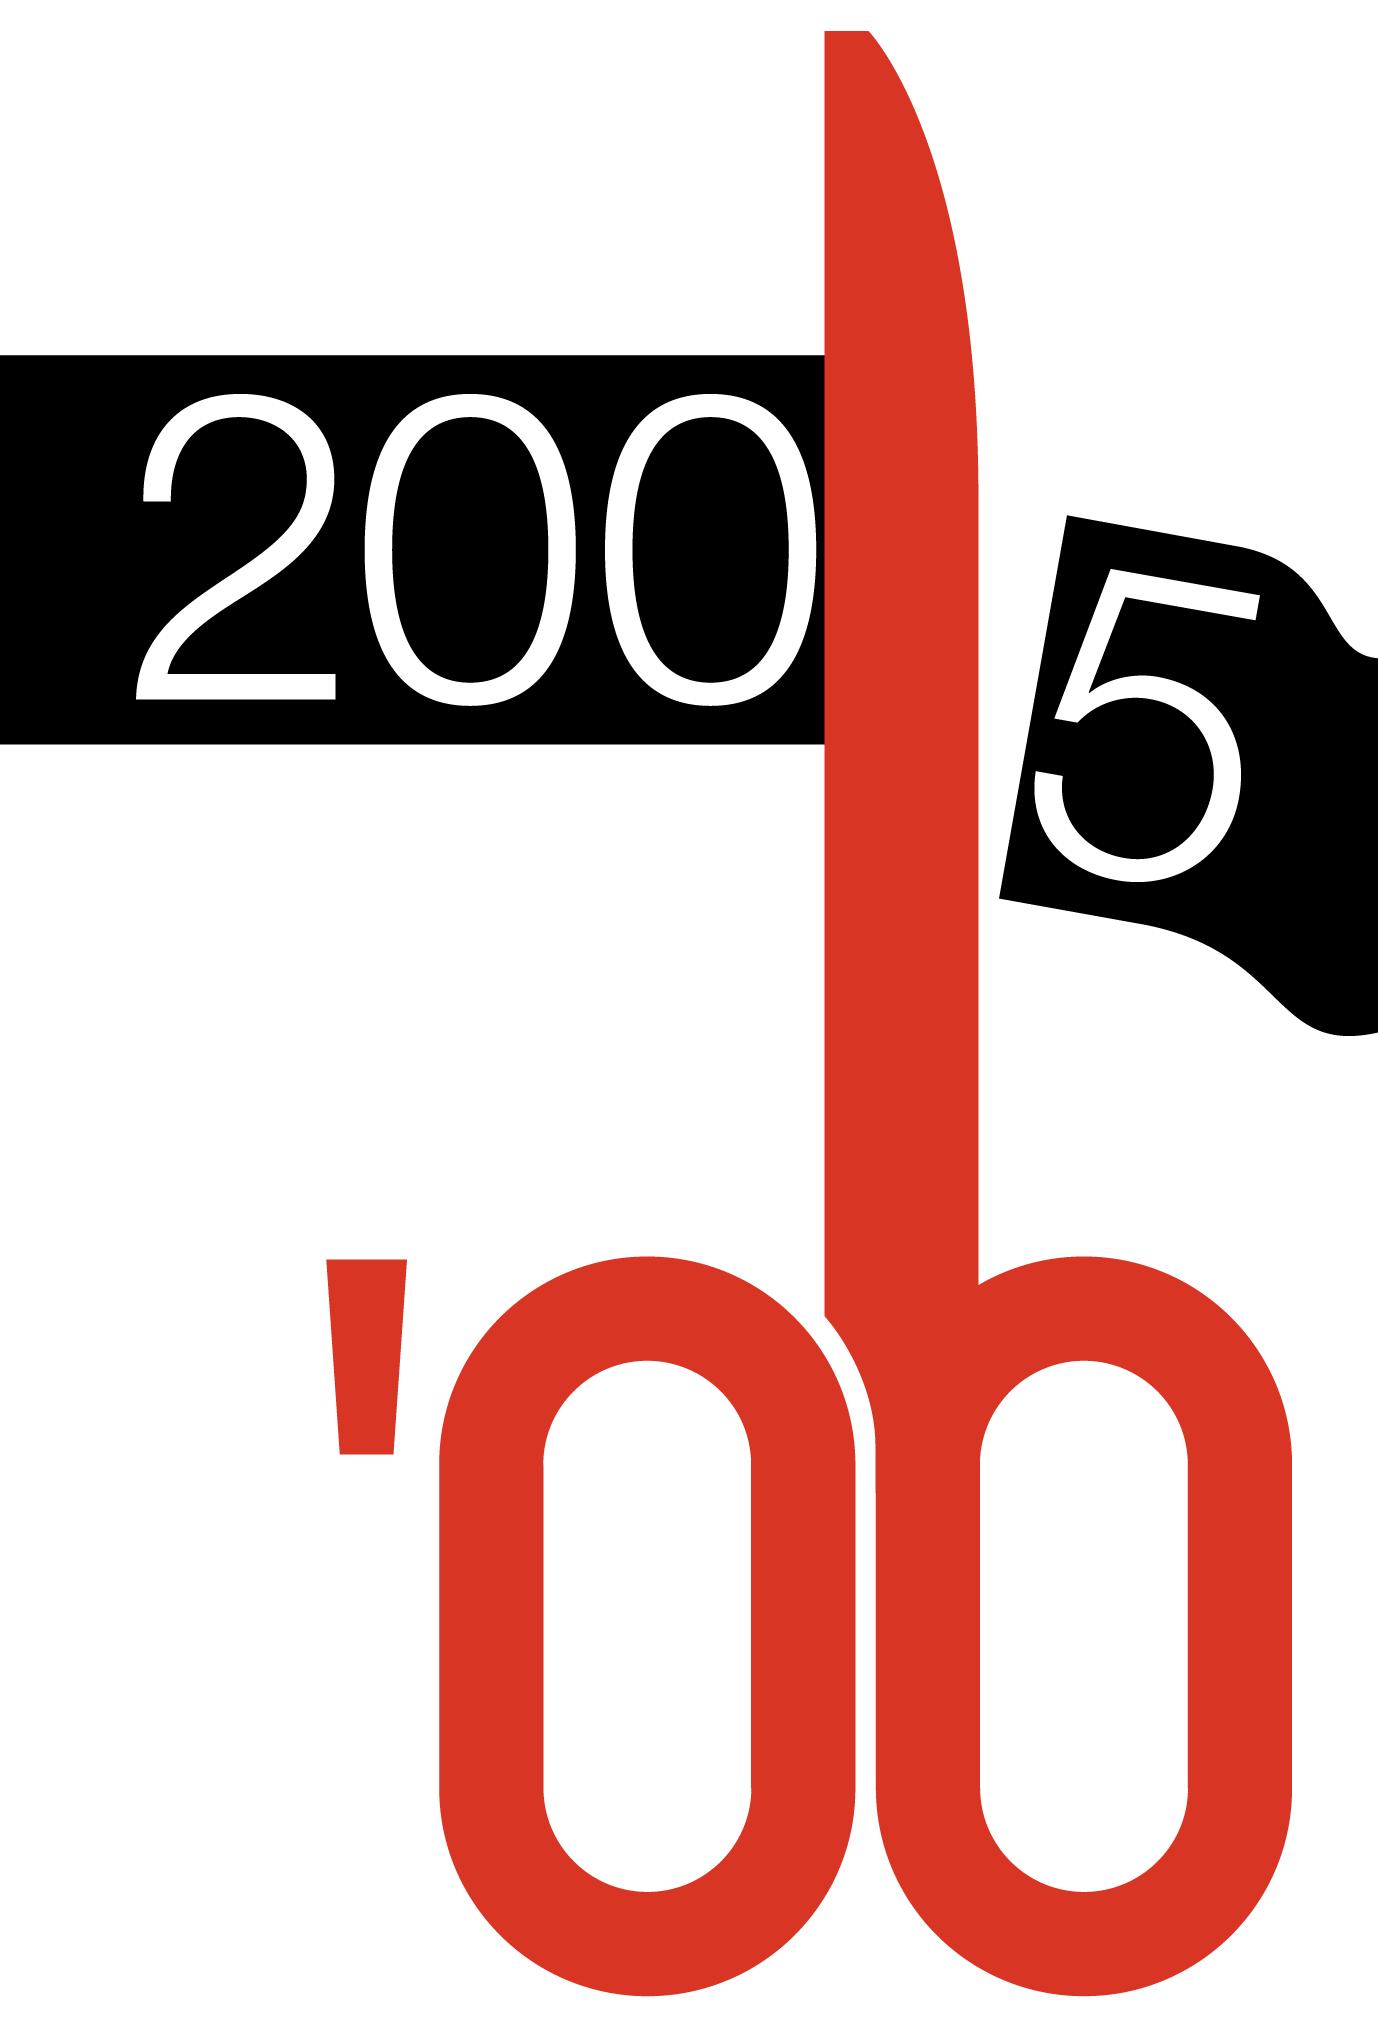 2006年賀状26:Cut last yearのダウンロード画像